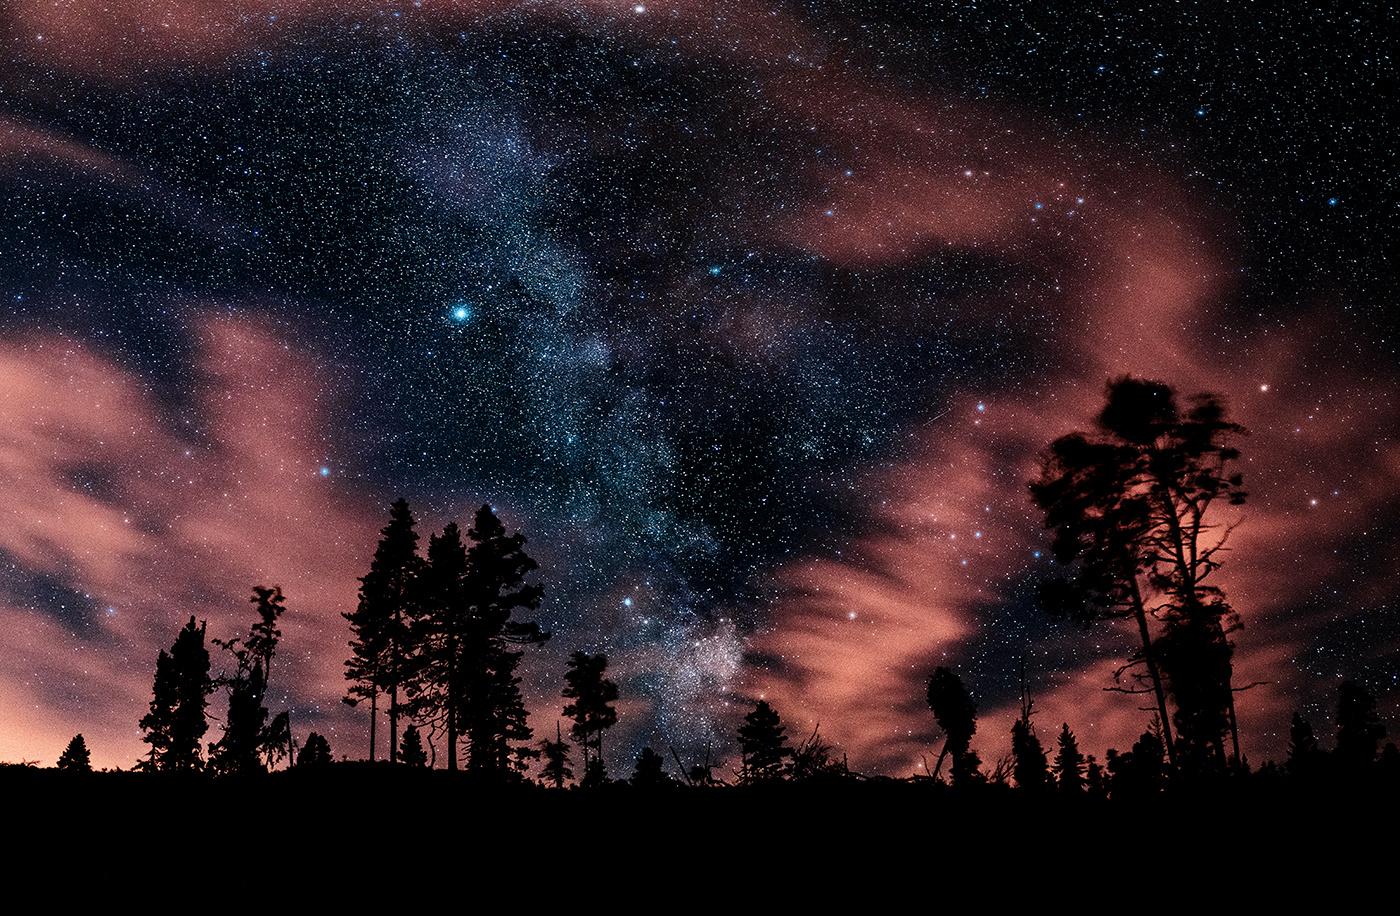 Windy Night by Alexander Jonsaas